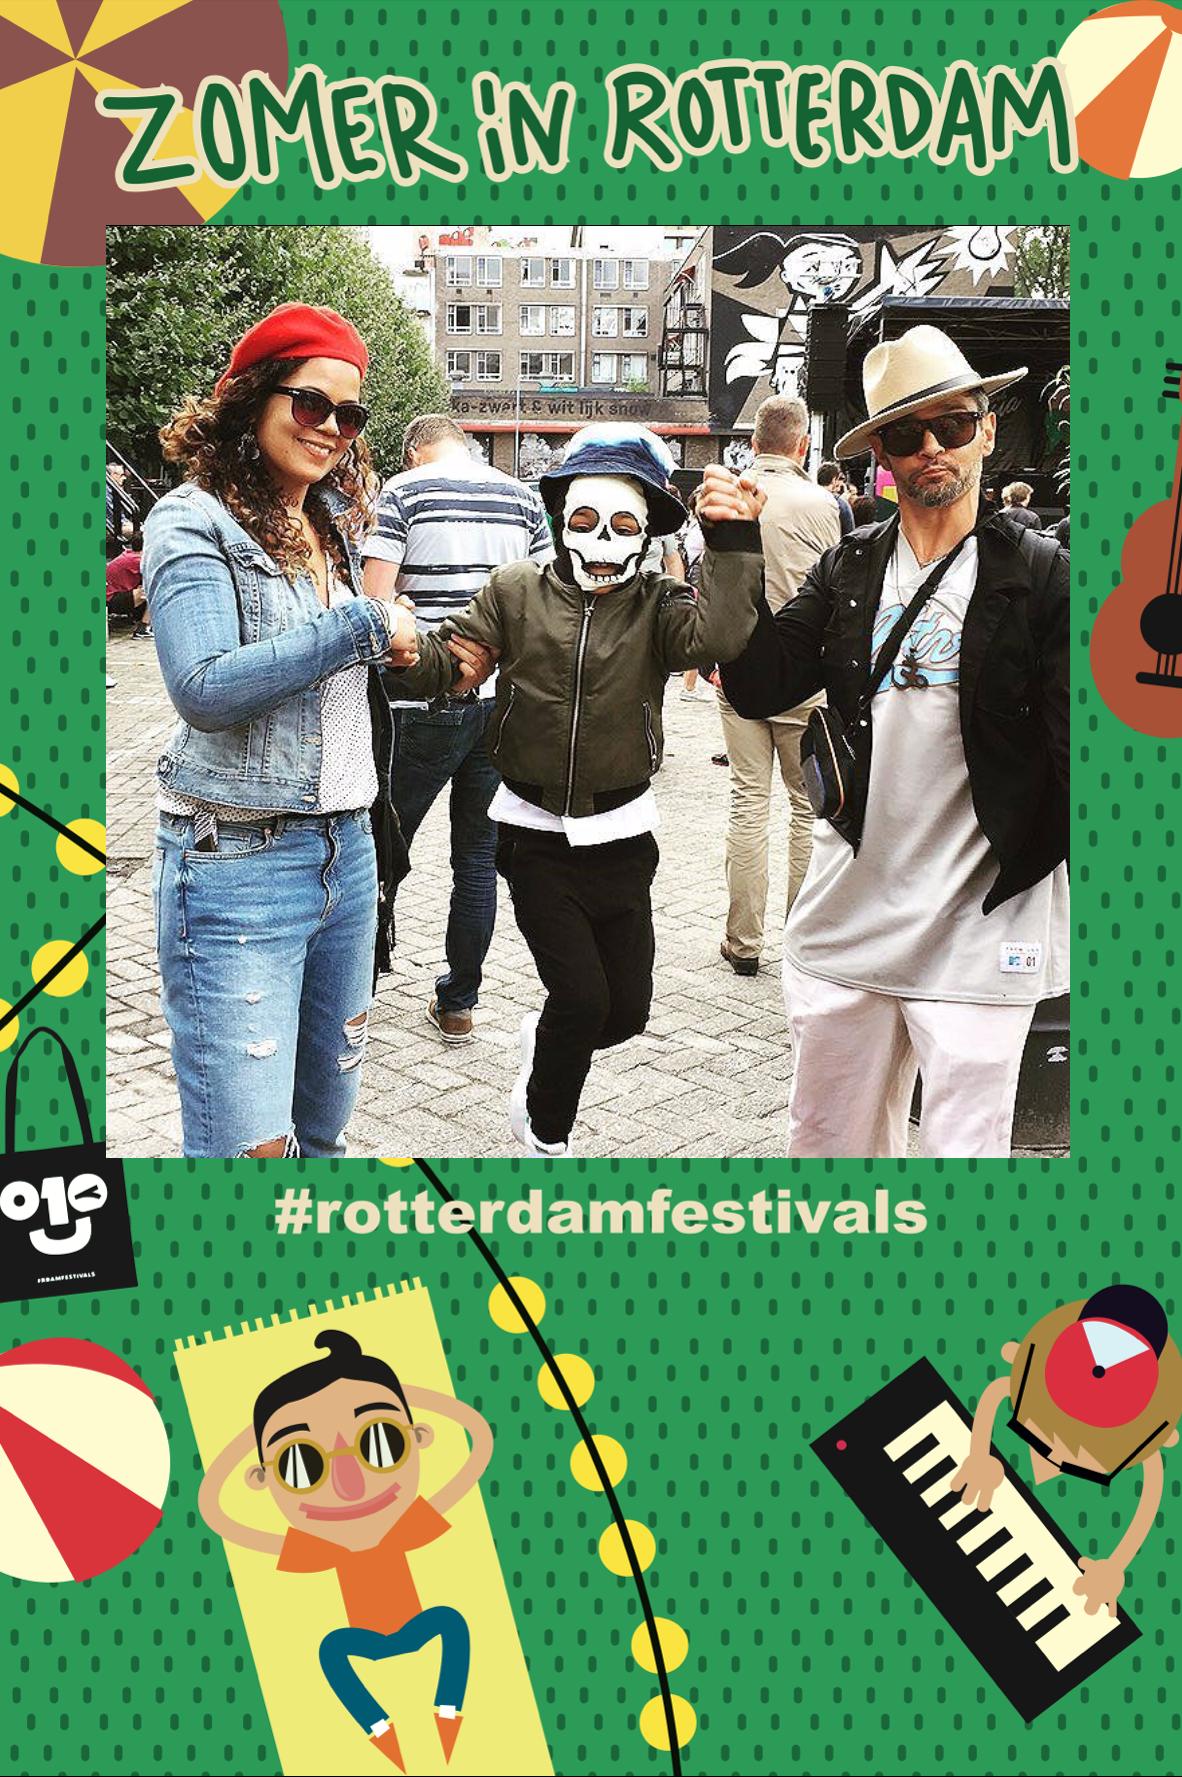 rotterdamfestivals_thehashtagbike5.png